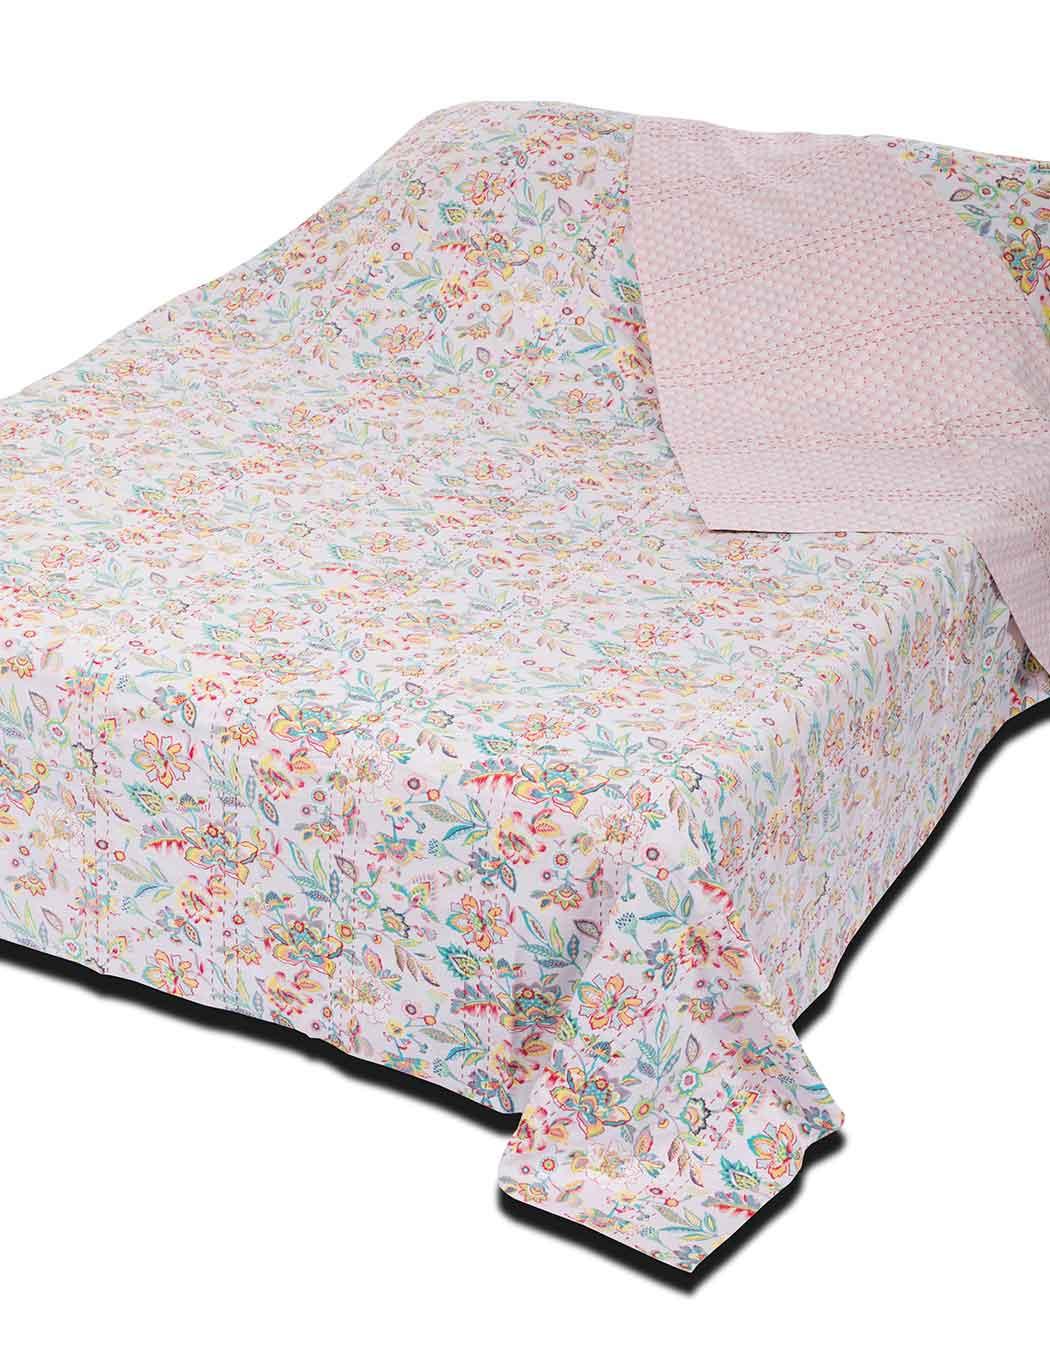 Jeté de lit surpiqué en coton perle 240 x 260